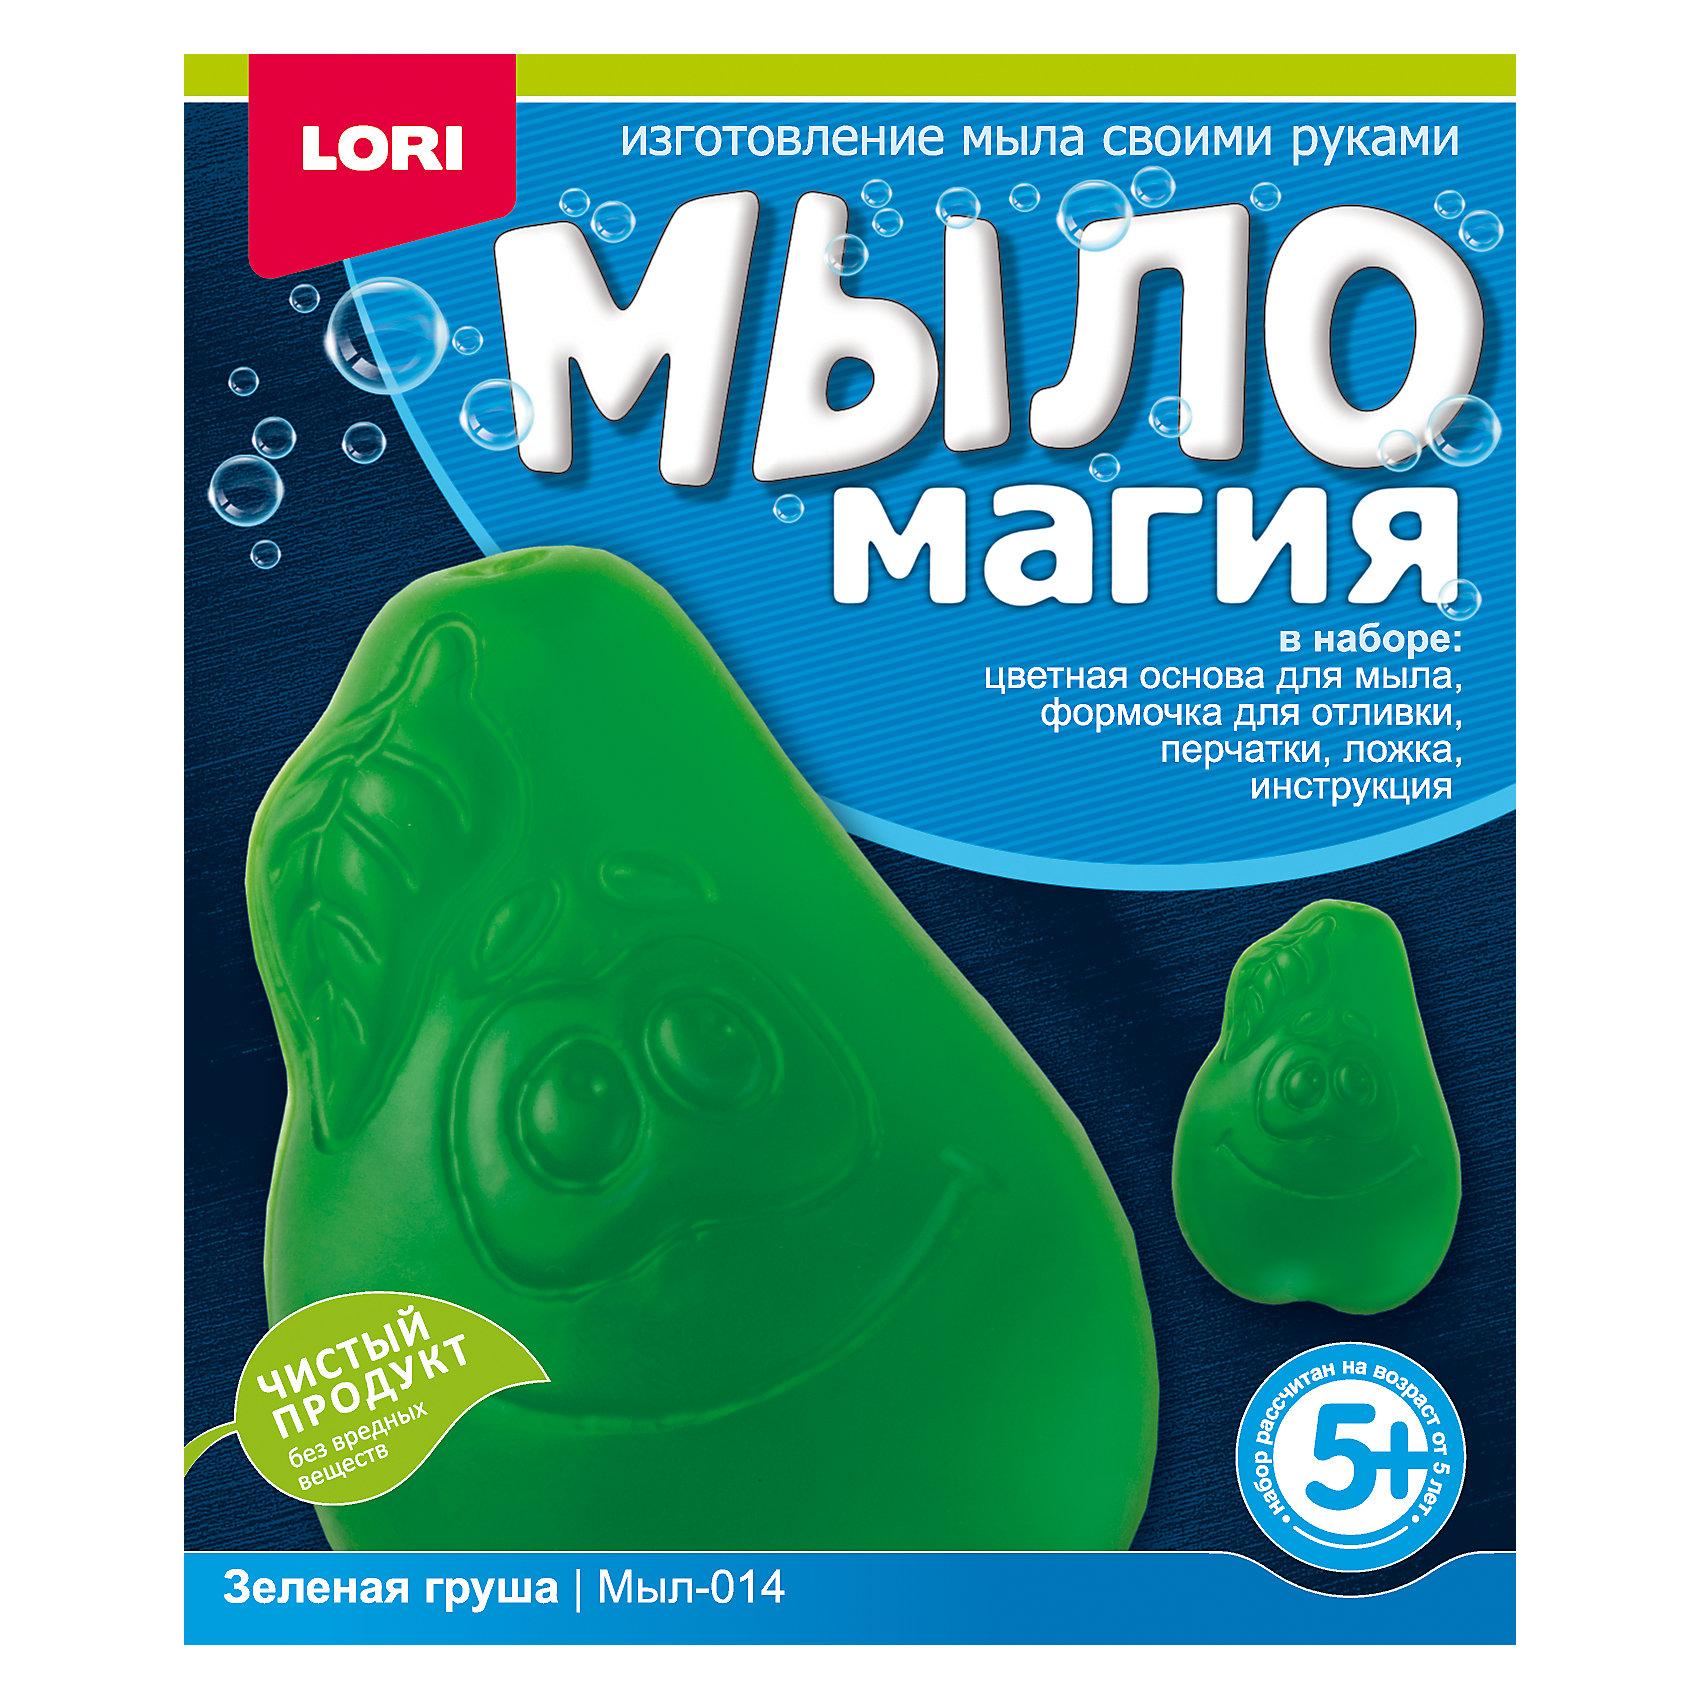 МылоМагия Зеленая грушаНаборы для создания мыла<br>Основа для мыла емкость для растапливания, форма для заливки мыльного раствора, пищевой краситель, пипетка, перчатки, ложка инструкция<br><br>Ширина мм: 40<br>Глубина мм: 135<br>Высота мм: 113<br>Вес г: 350<br>Возраст от месяцев: 60<br>Возраст до месяцев: 84<br>Пол: Унисекс<br>Возраст: Детский<br>SKU: 5032298